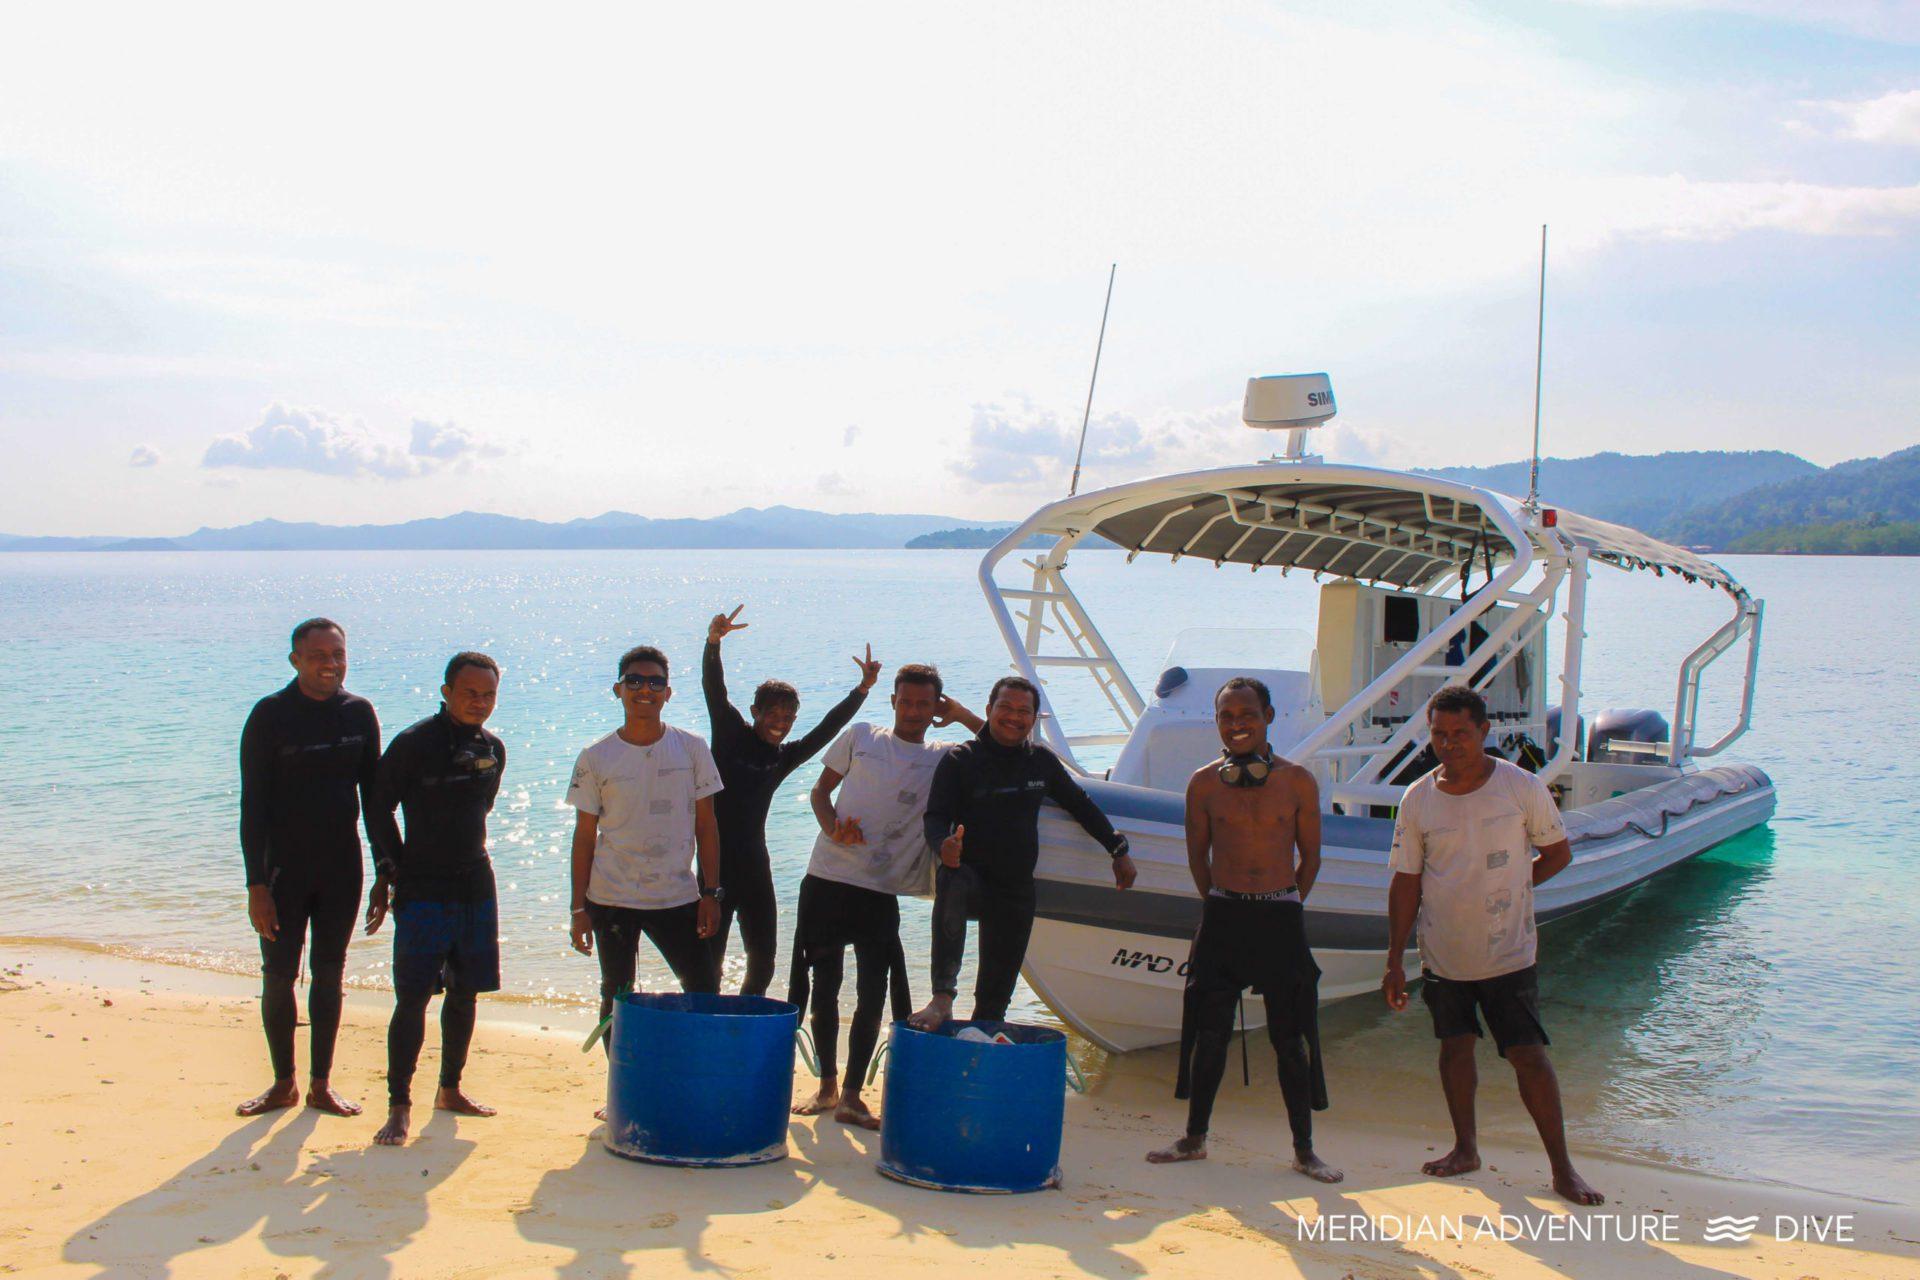 Meridian Adventure Dive Host Mass Beach Clean-up